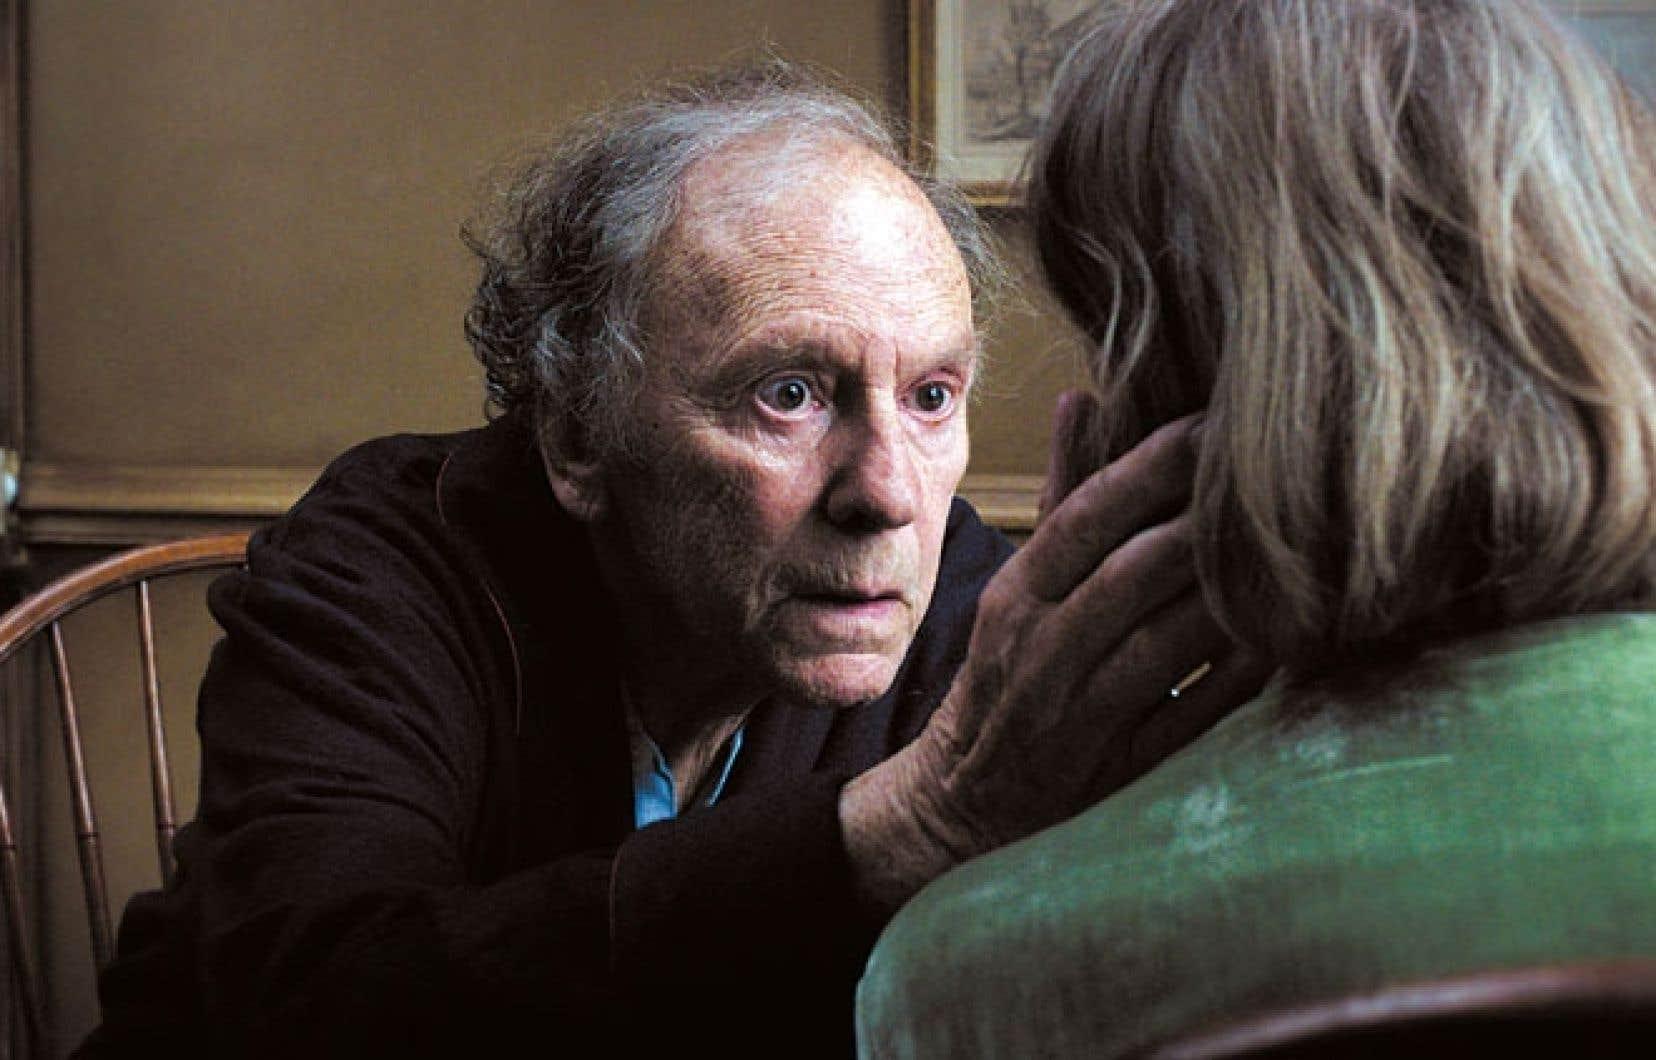 Amour décrit le dernier chapitre de la longue histoire d'un vieux couple, interprété par Jean-Louis Trintignant et Emmanuelle Riva, en fin de parcours.